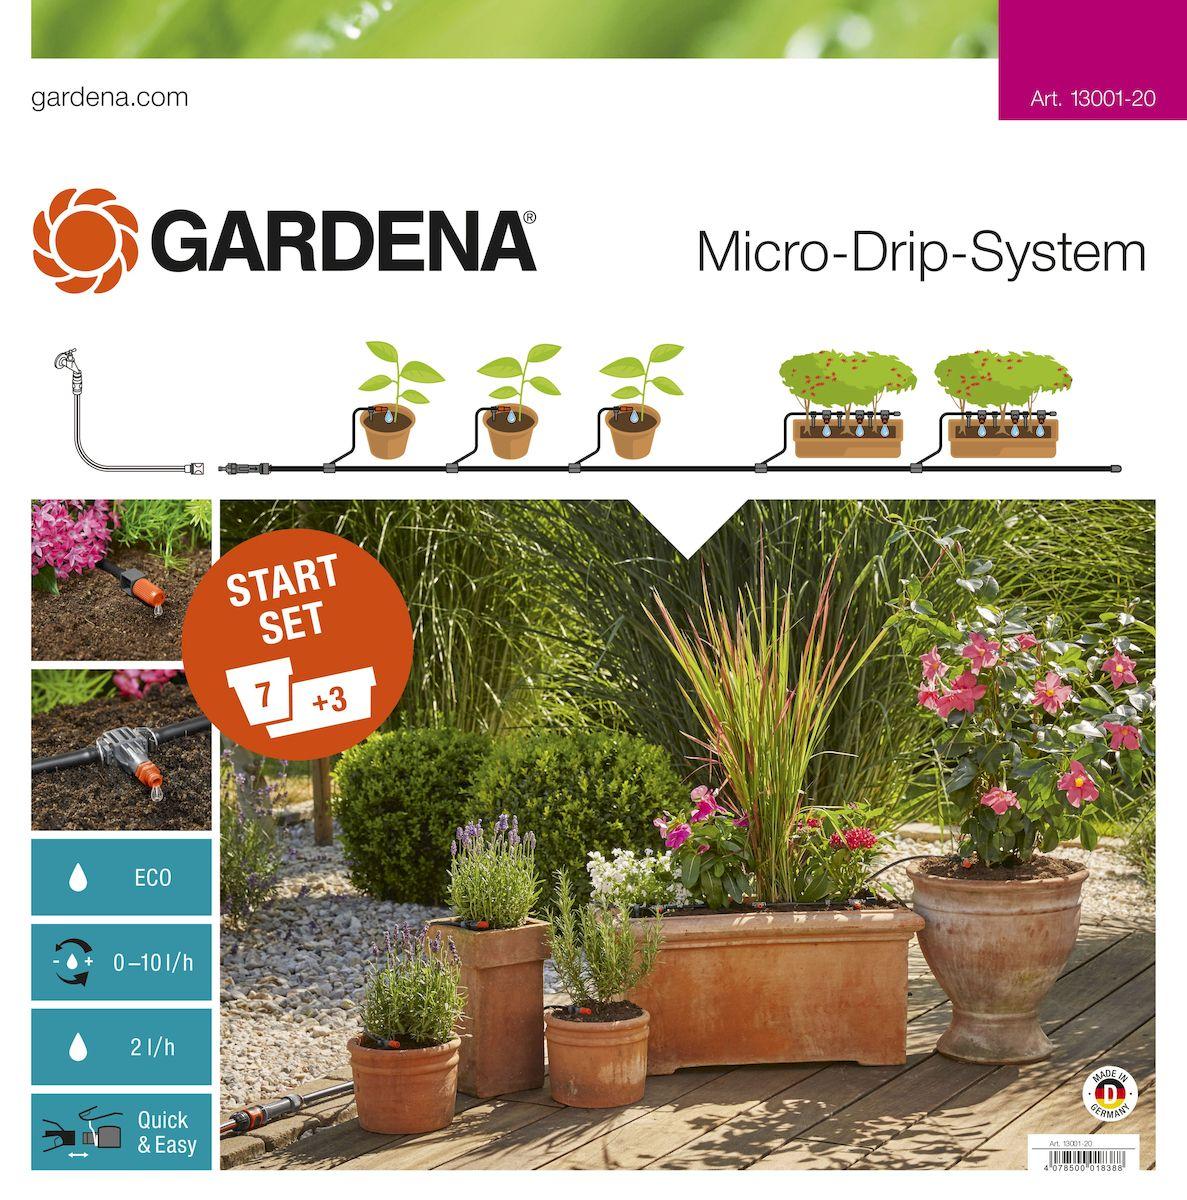 Комплект микрокапельного полива Gardena, базовый13001-20.000.00Базовый комплект Gardena предназначен для микрокапельного полива, который может применяться в различных целях. Комплект может использоваться для полива семи горшечных растений и трех цветочных ящиков, но в любом случае это оптимальный набор инструментов для создания базовой системы микрокапельного полива Gardena. Такие элементы позволяют создать систему для удобного полива необходимых растений. Предусмотрена возможность включения в систему дополнительных элементов. В комплекте: - мастер-блок 1000; - шланг магистральный 15 м; - шланг подающий 10 м; - соединитель Т-образный 13 мм (1/2);- соединитель Т-образный 10 шт; - колышки для крепления шлангов 4,6 мм (3/16), 15 шт;- колышки для крепления шлангов 13 мм (1/2), 10 шт;- регулируемая концевая капельница (10 л/час), 7 шт; - внутренняя капельница (2 л/ч), 9 шт;- заглушка 4,6 мм (3/16), 3 шт; - заглушка 13 мм (1/2), 2 шт; - игла для прочистки. Благодаря патентованной технологии быстрого подсоединения Quick & Easy, все элементы легко соединяются и разъединяются.